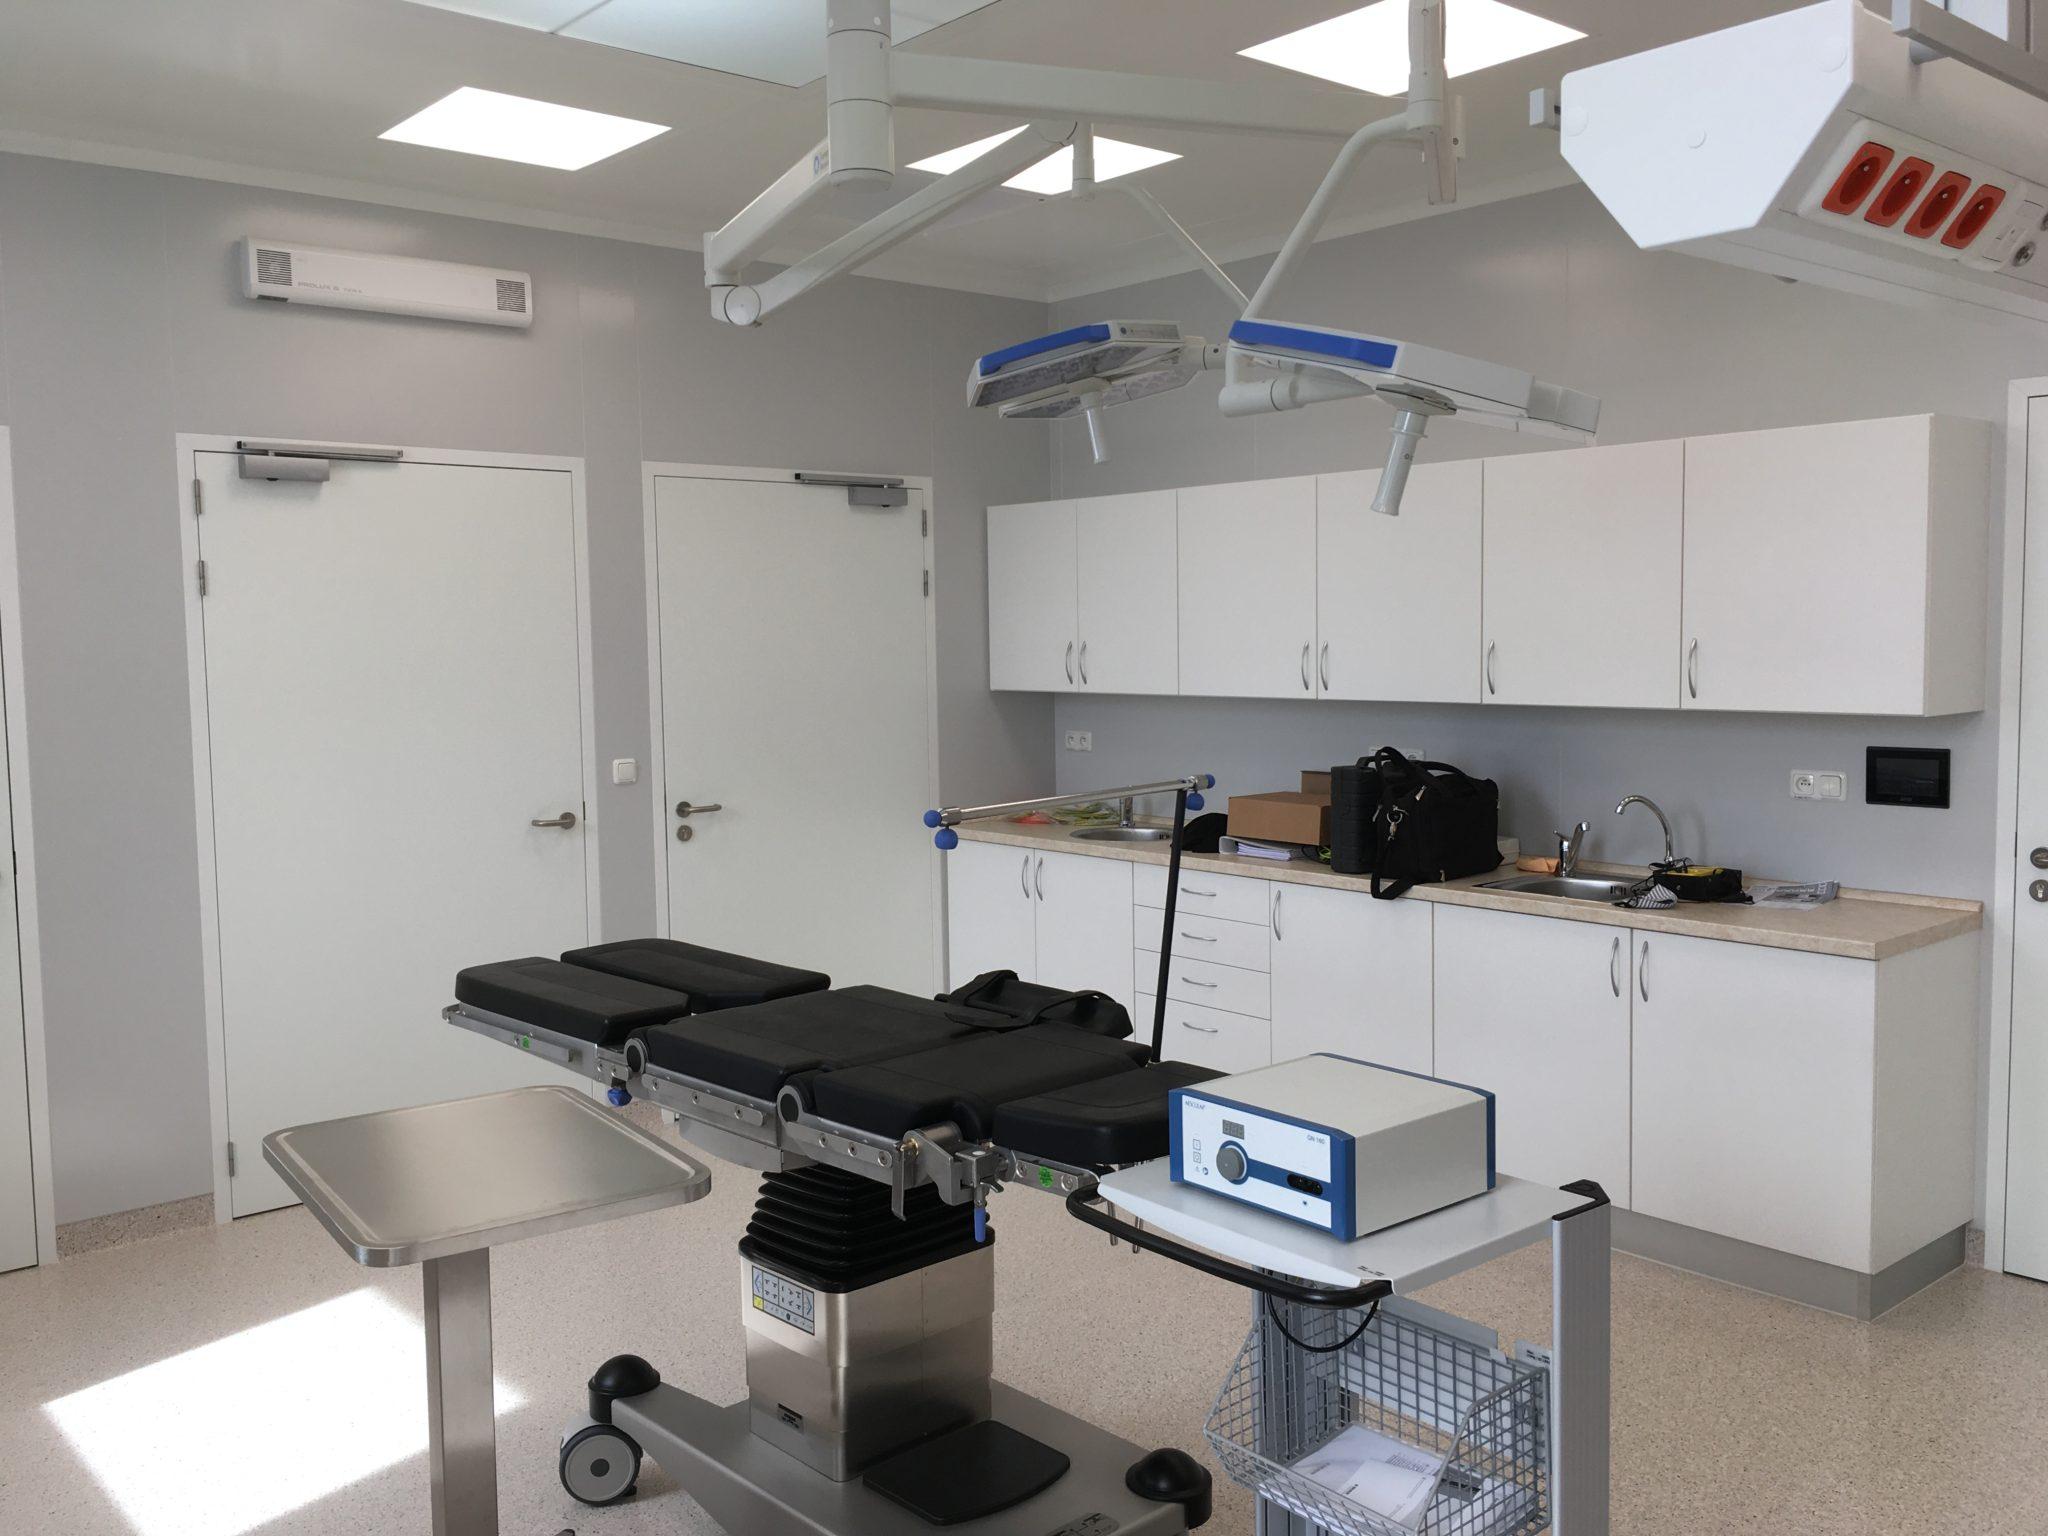 Interiér zákrokových sálů pro Ústav chirurgie ruky a plastické chirurgie